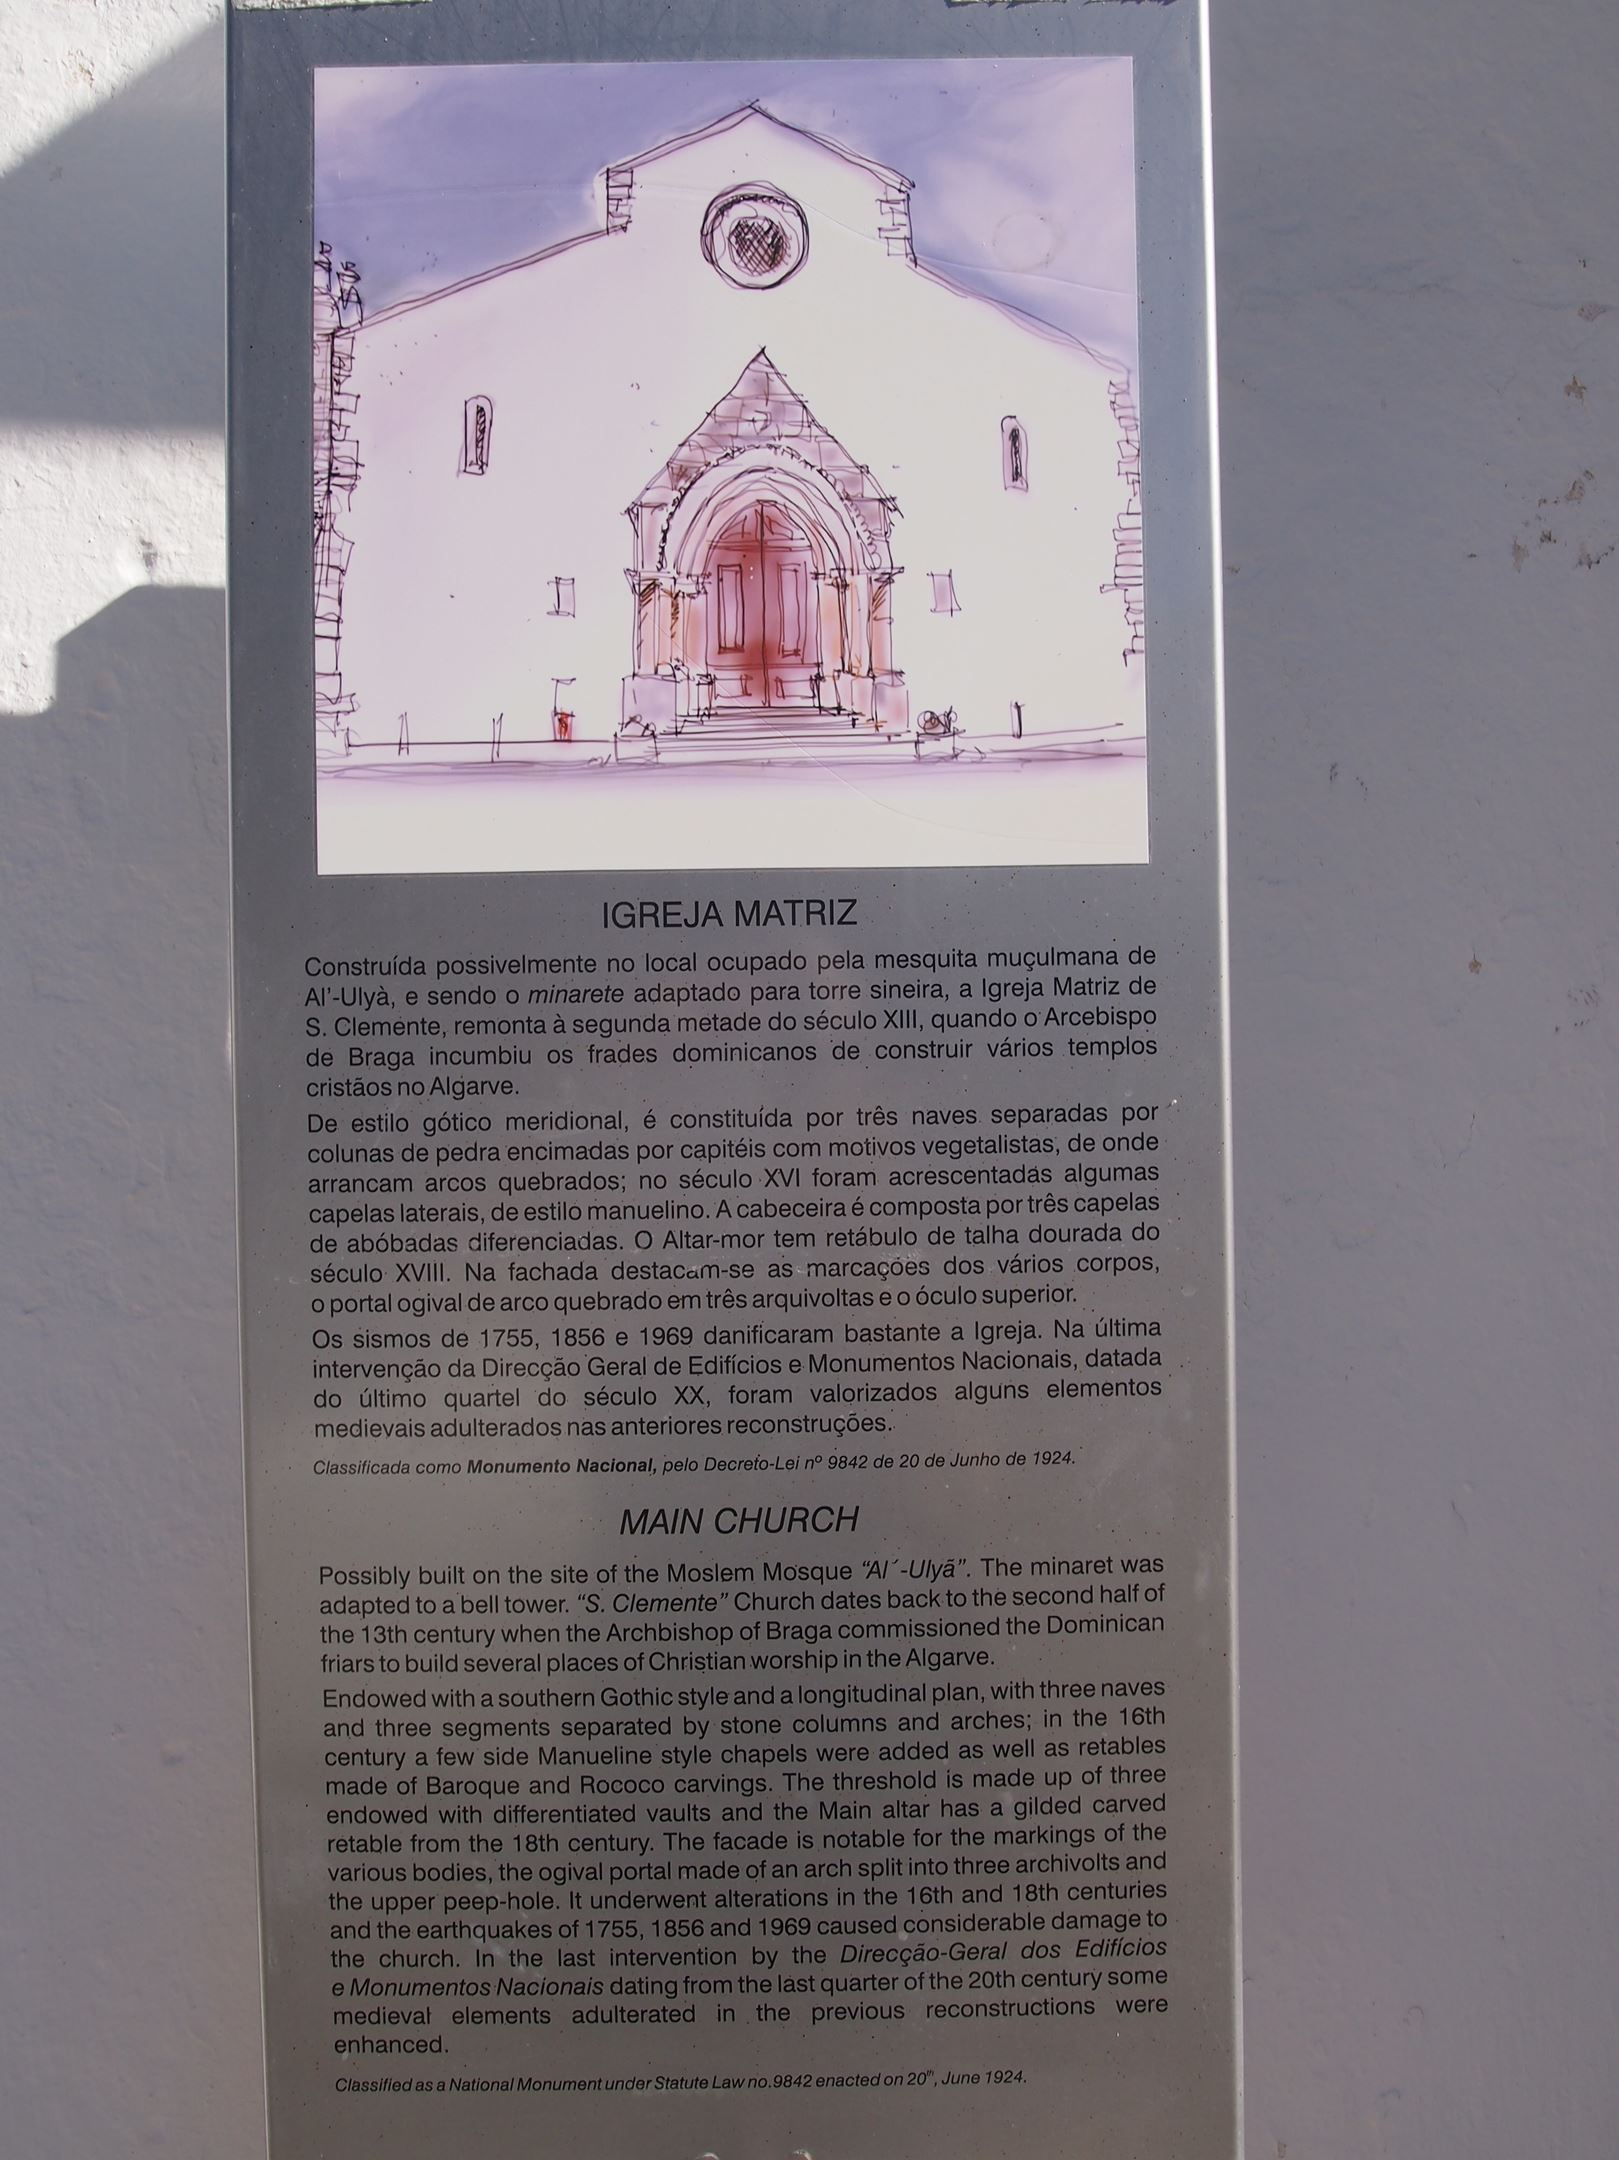 Igreja (église) de São Clemente, Loulé - faits historiques